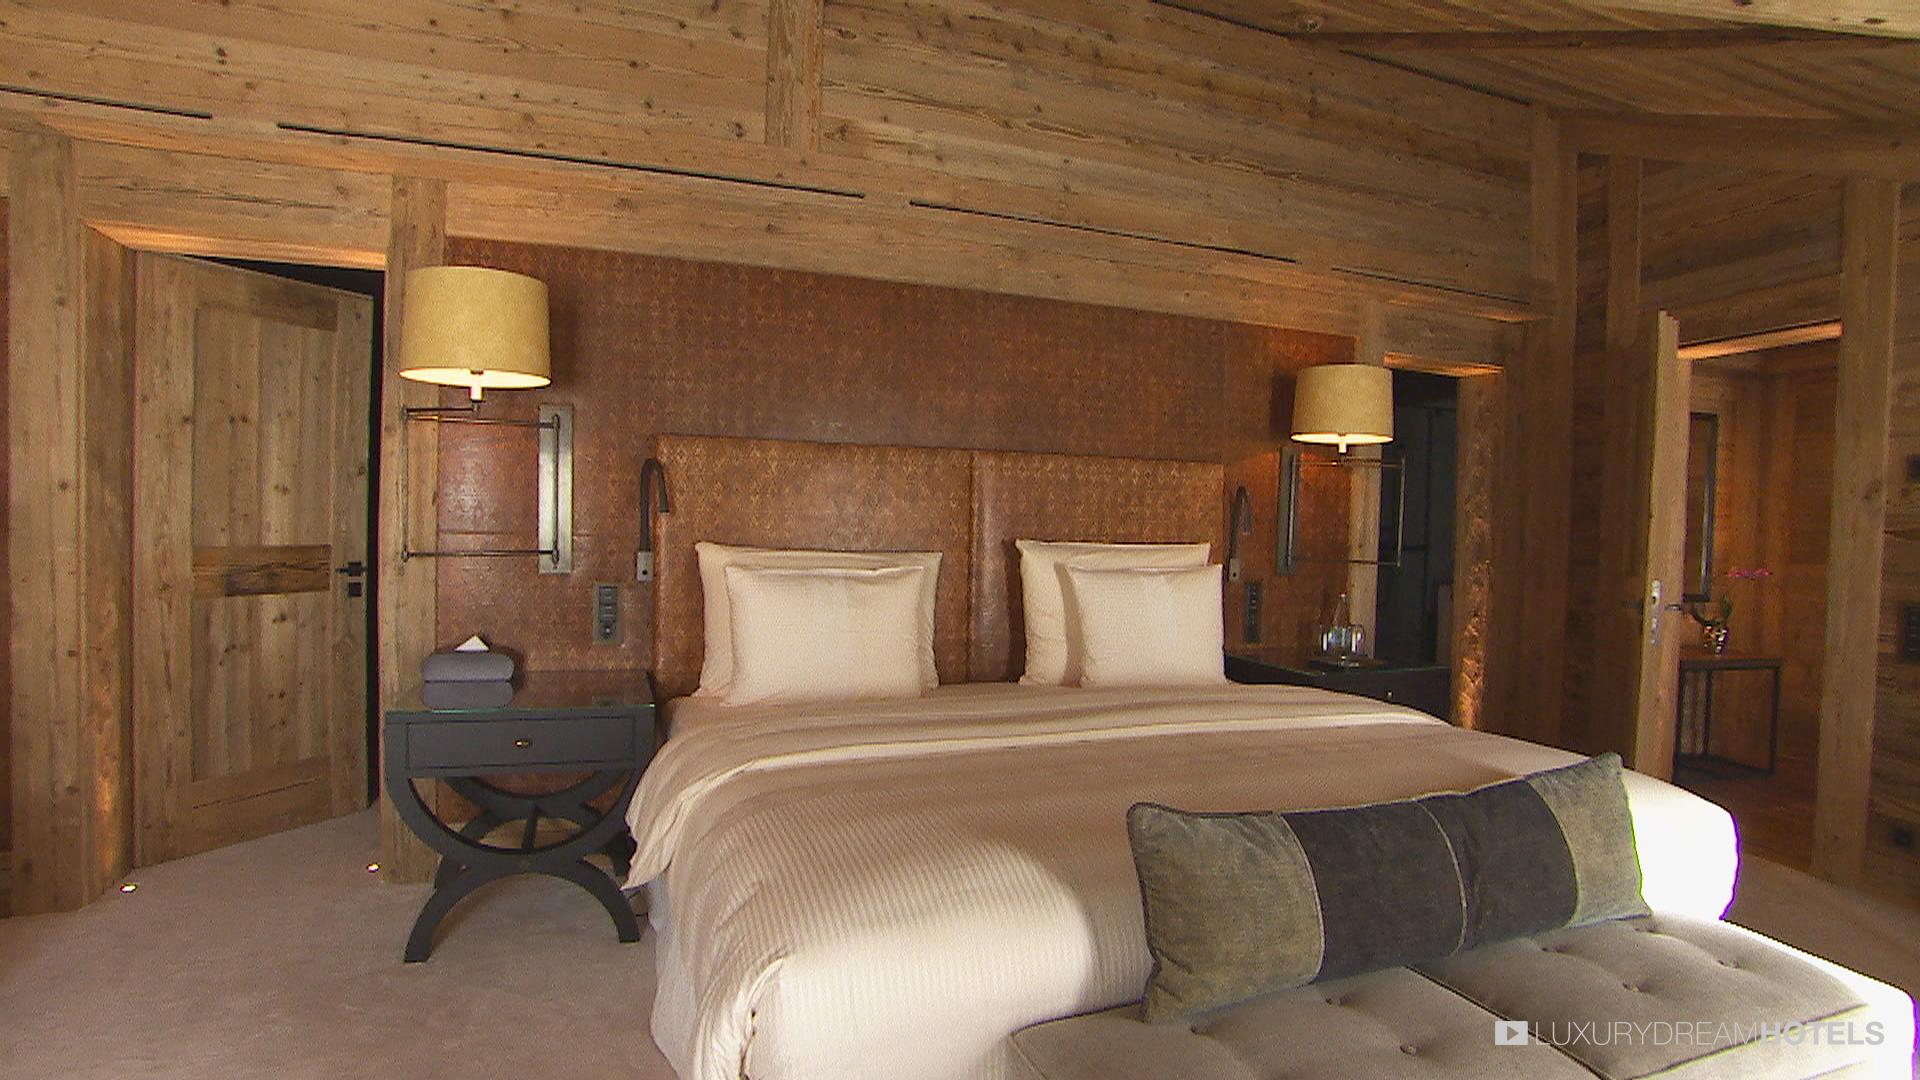 Luxury Hotel The Alpina Gstaad Gstaad Switzerland Luxury Dream - Alpina gstaad